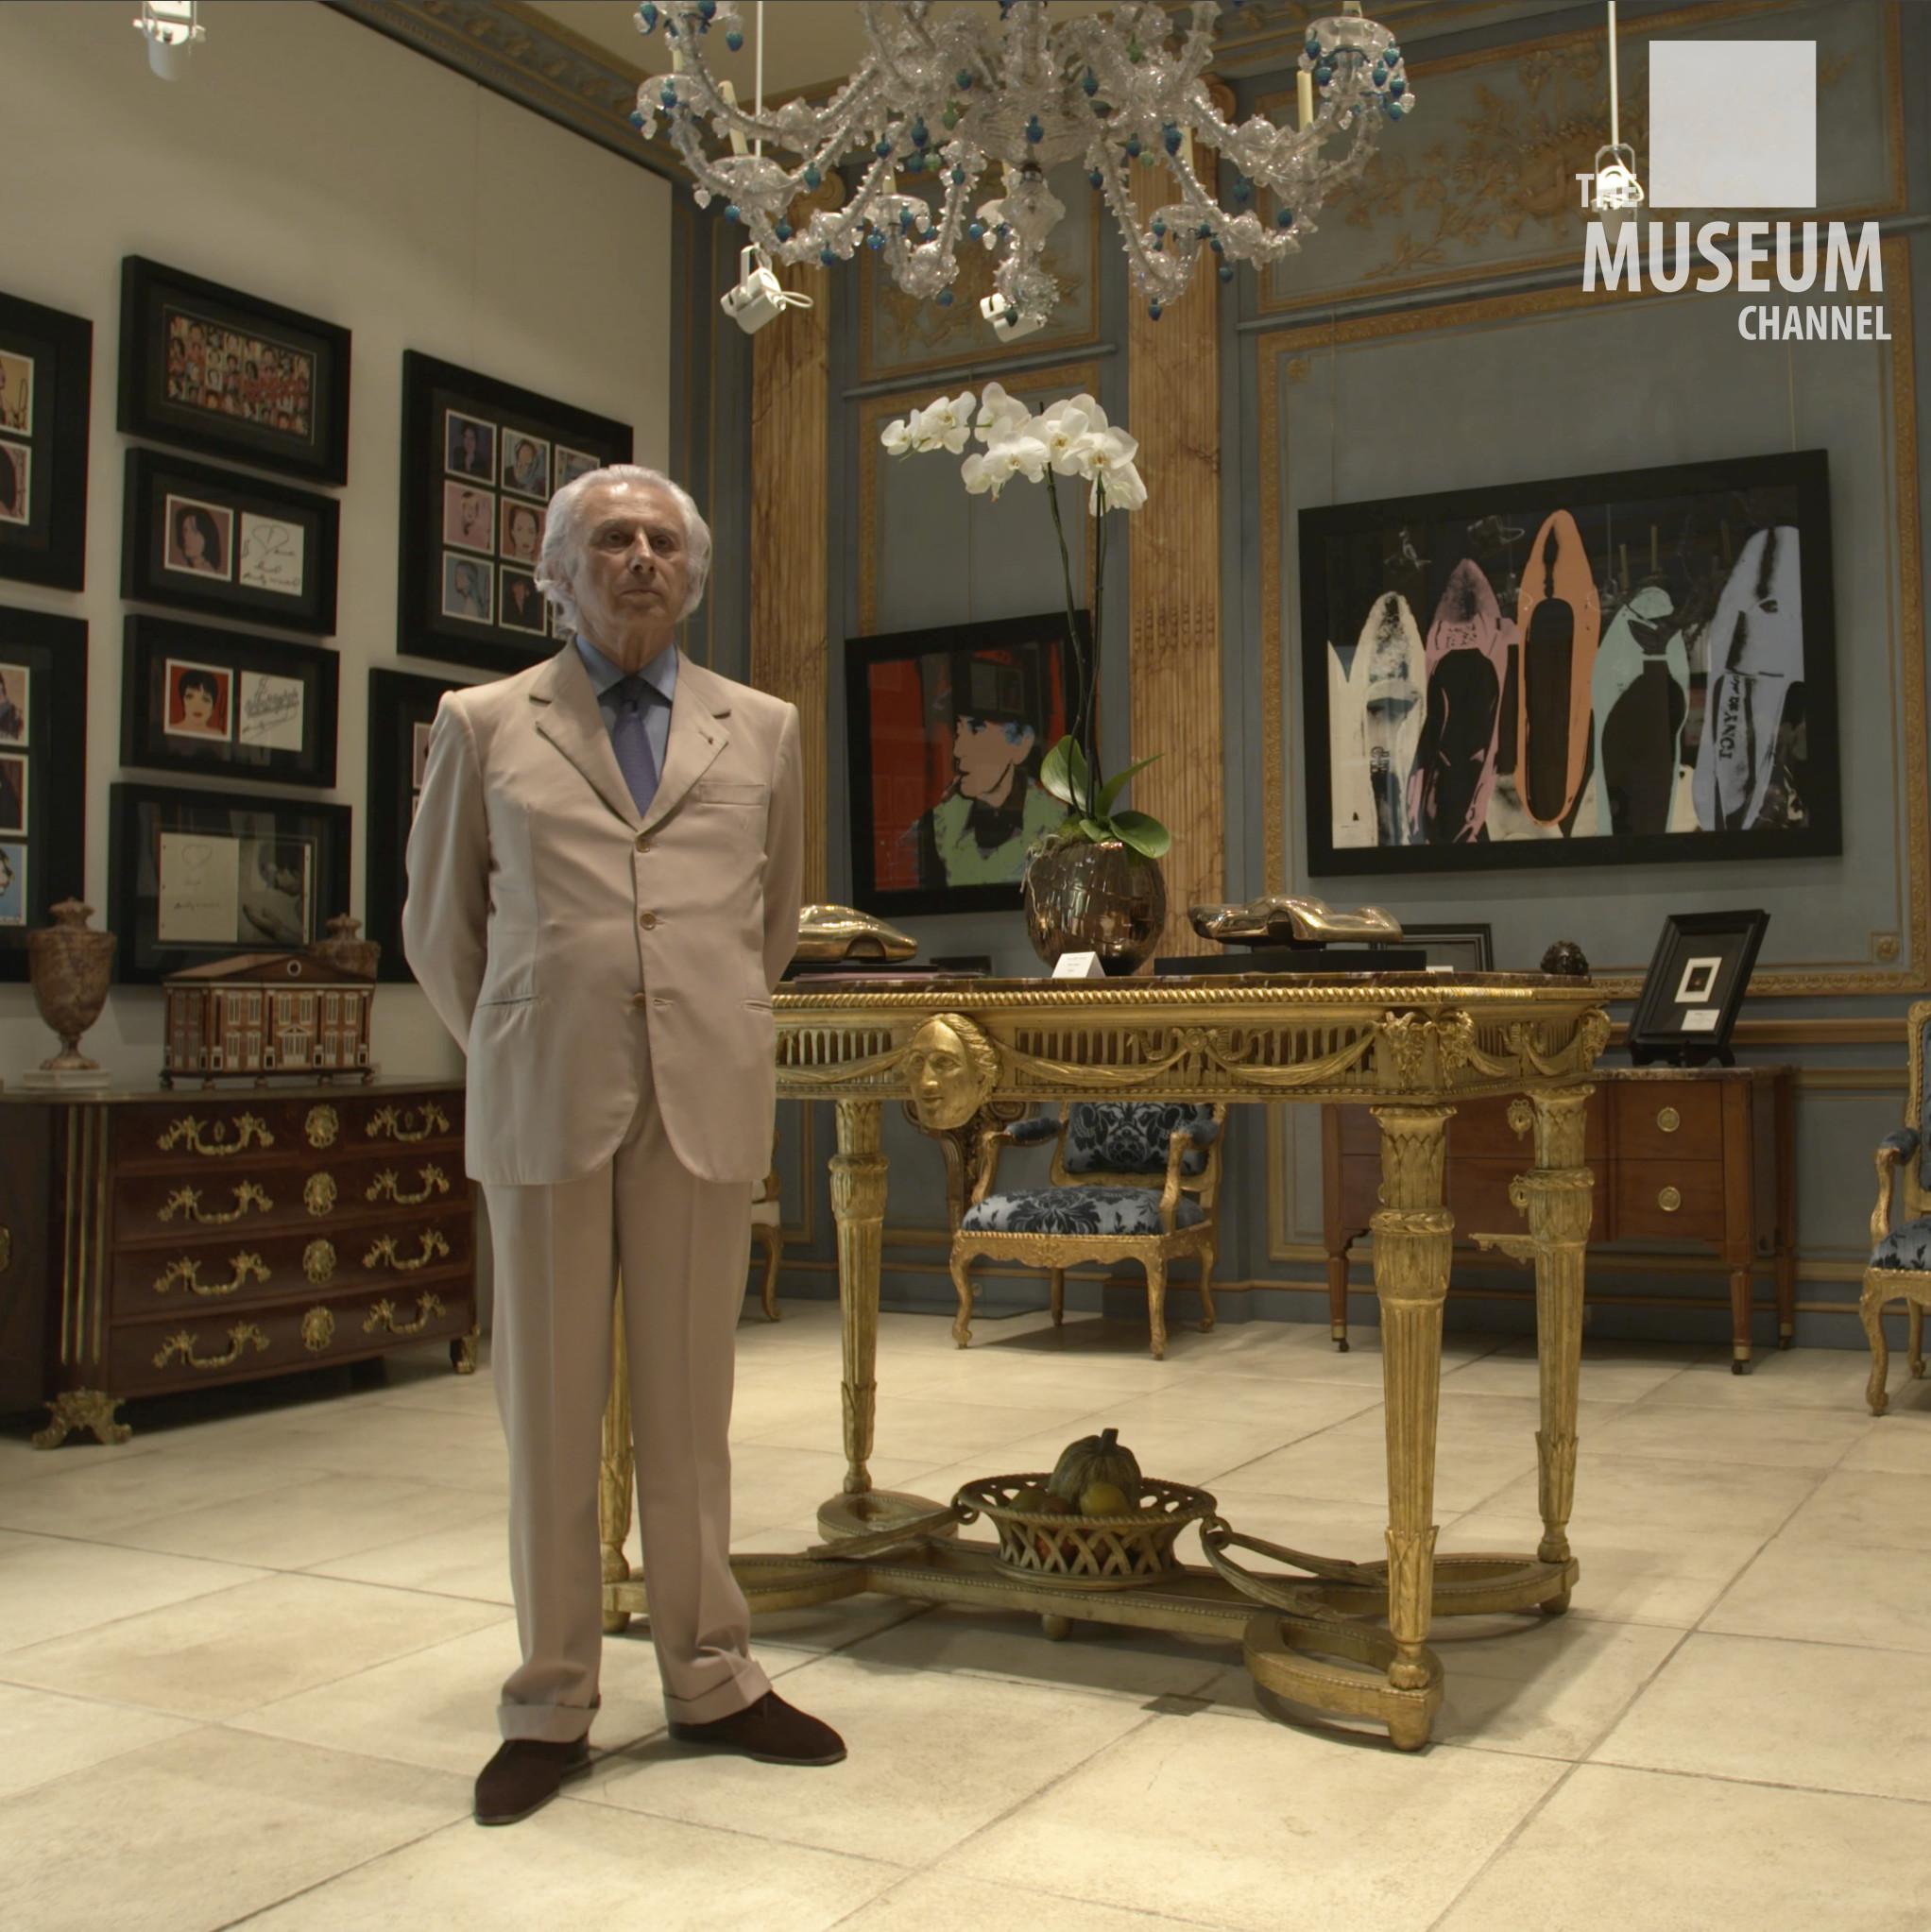 The Museum Channel, une chaîne TV dédiée à l'Art et aux Musées 0x